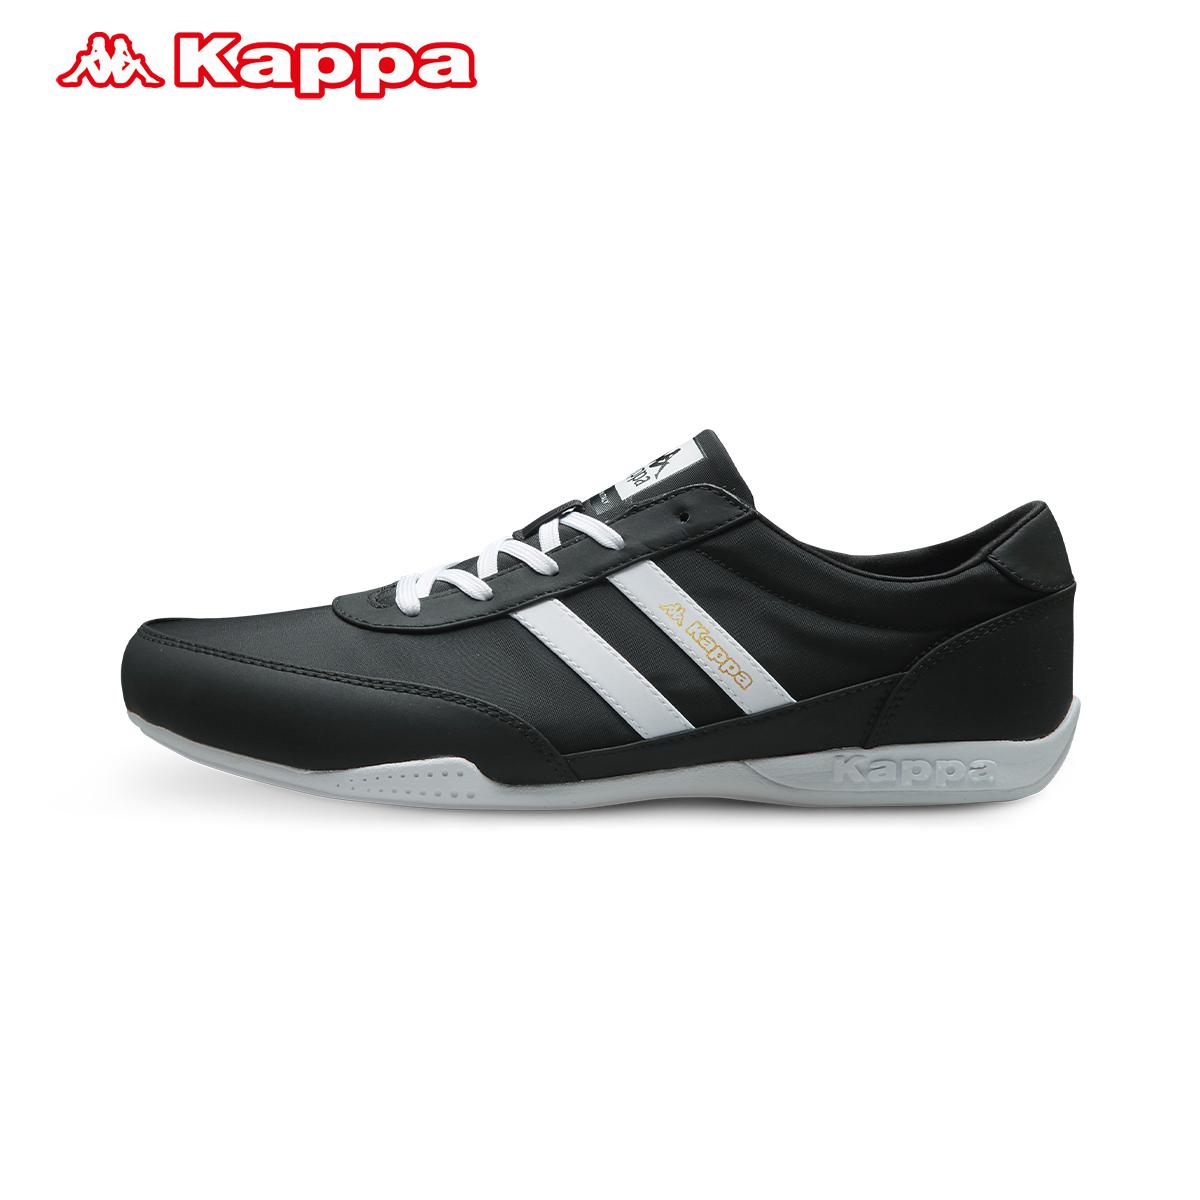 卡帕休闲鞋正品